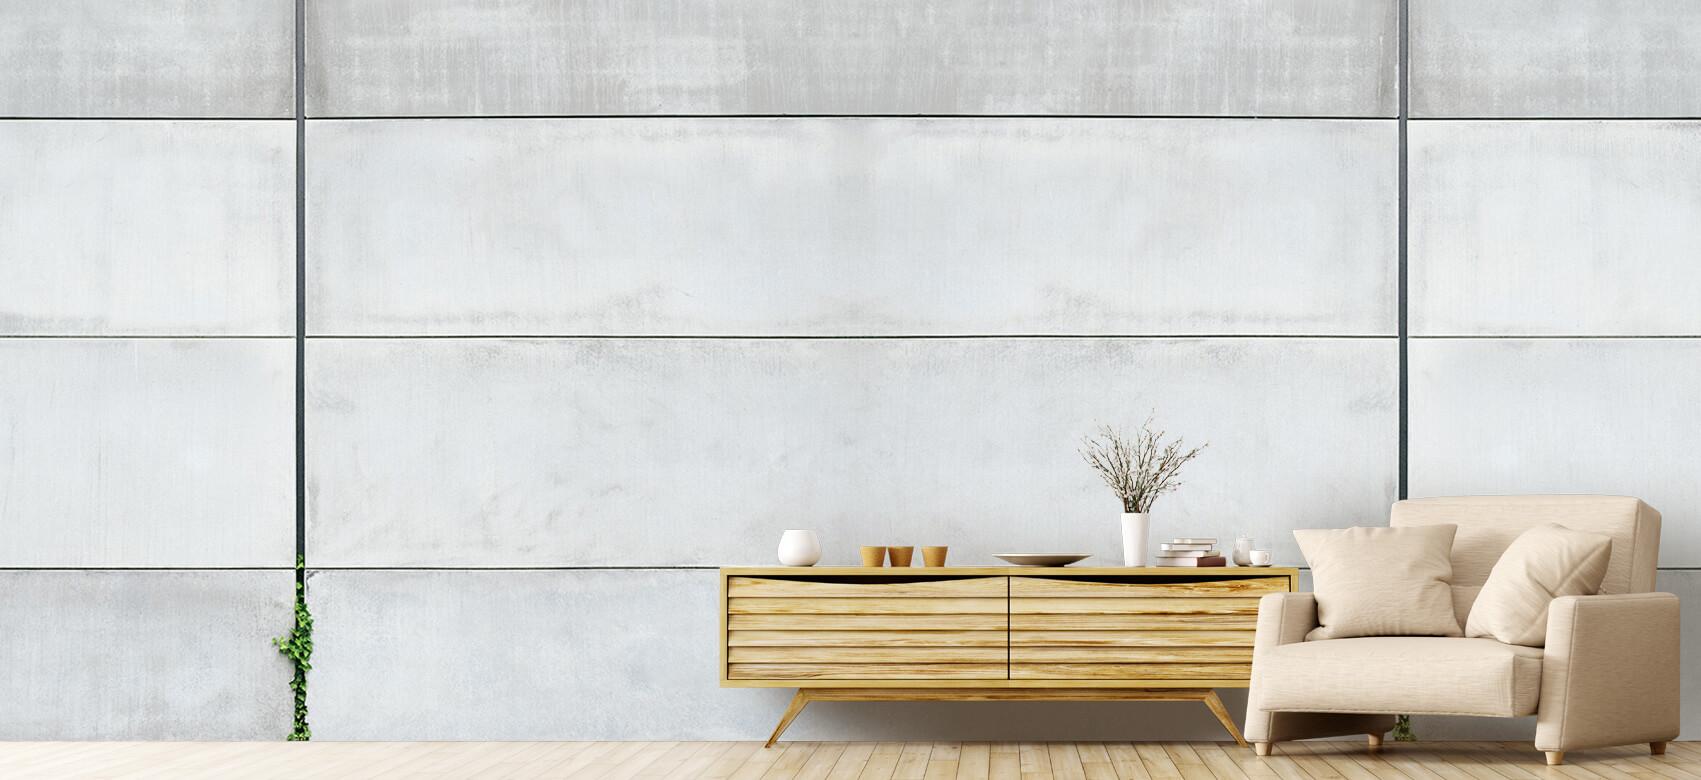 Betonlook behang - Panorama betonnen muur - Wallexclusive - Ontvangstruimte 5